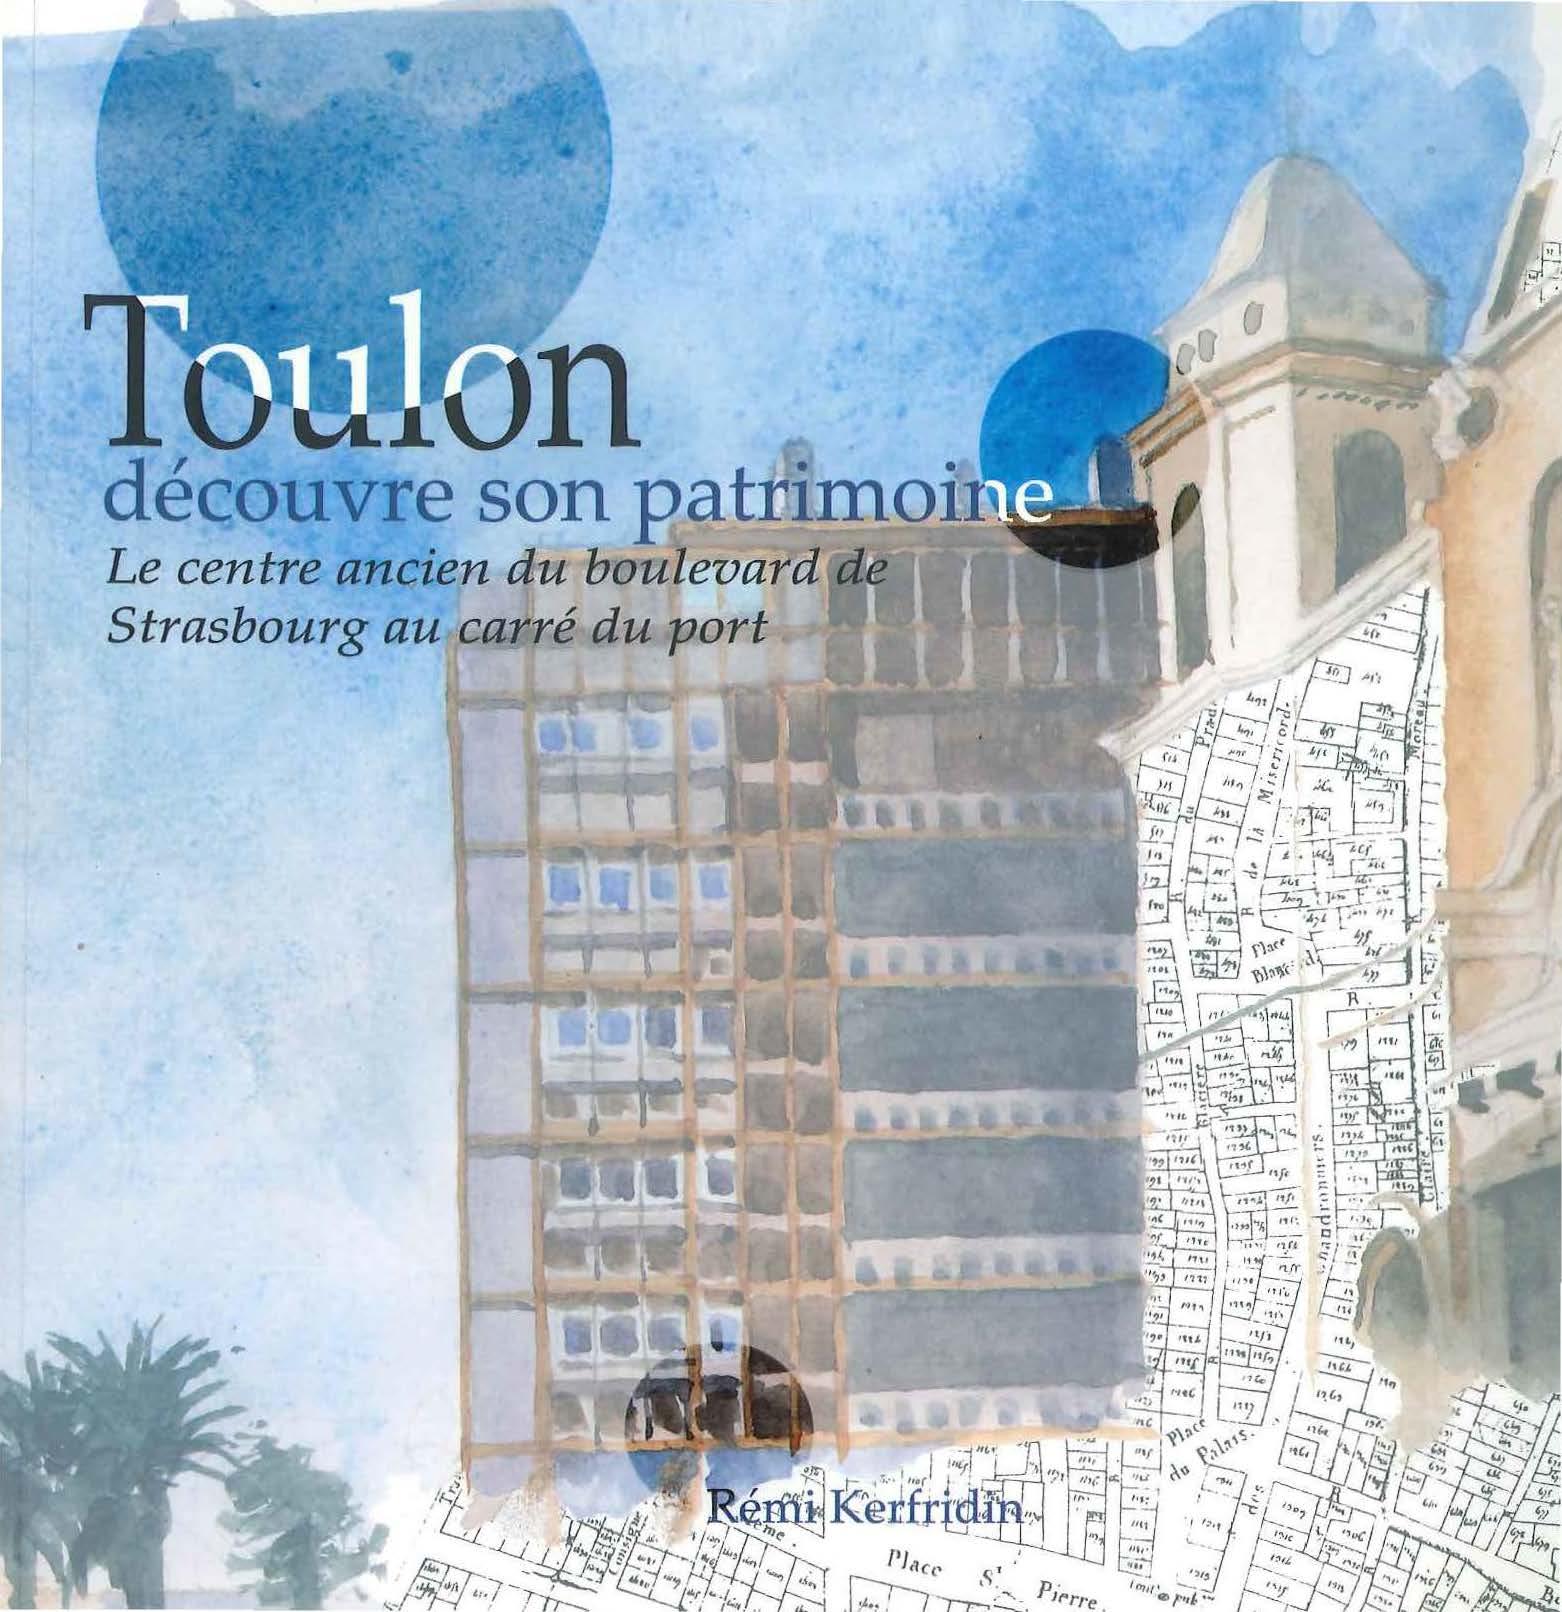 Toulon découvre son patrimoine